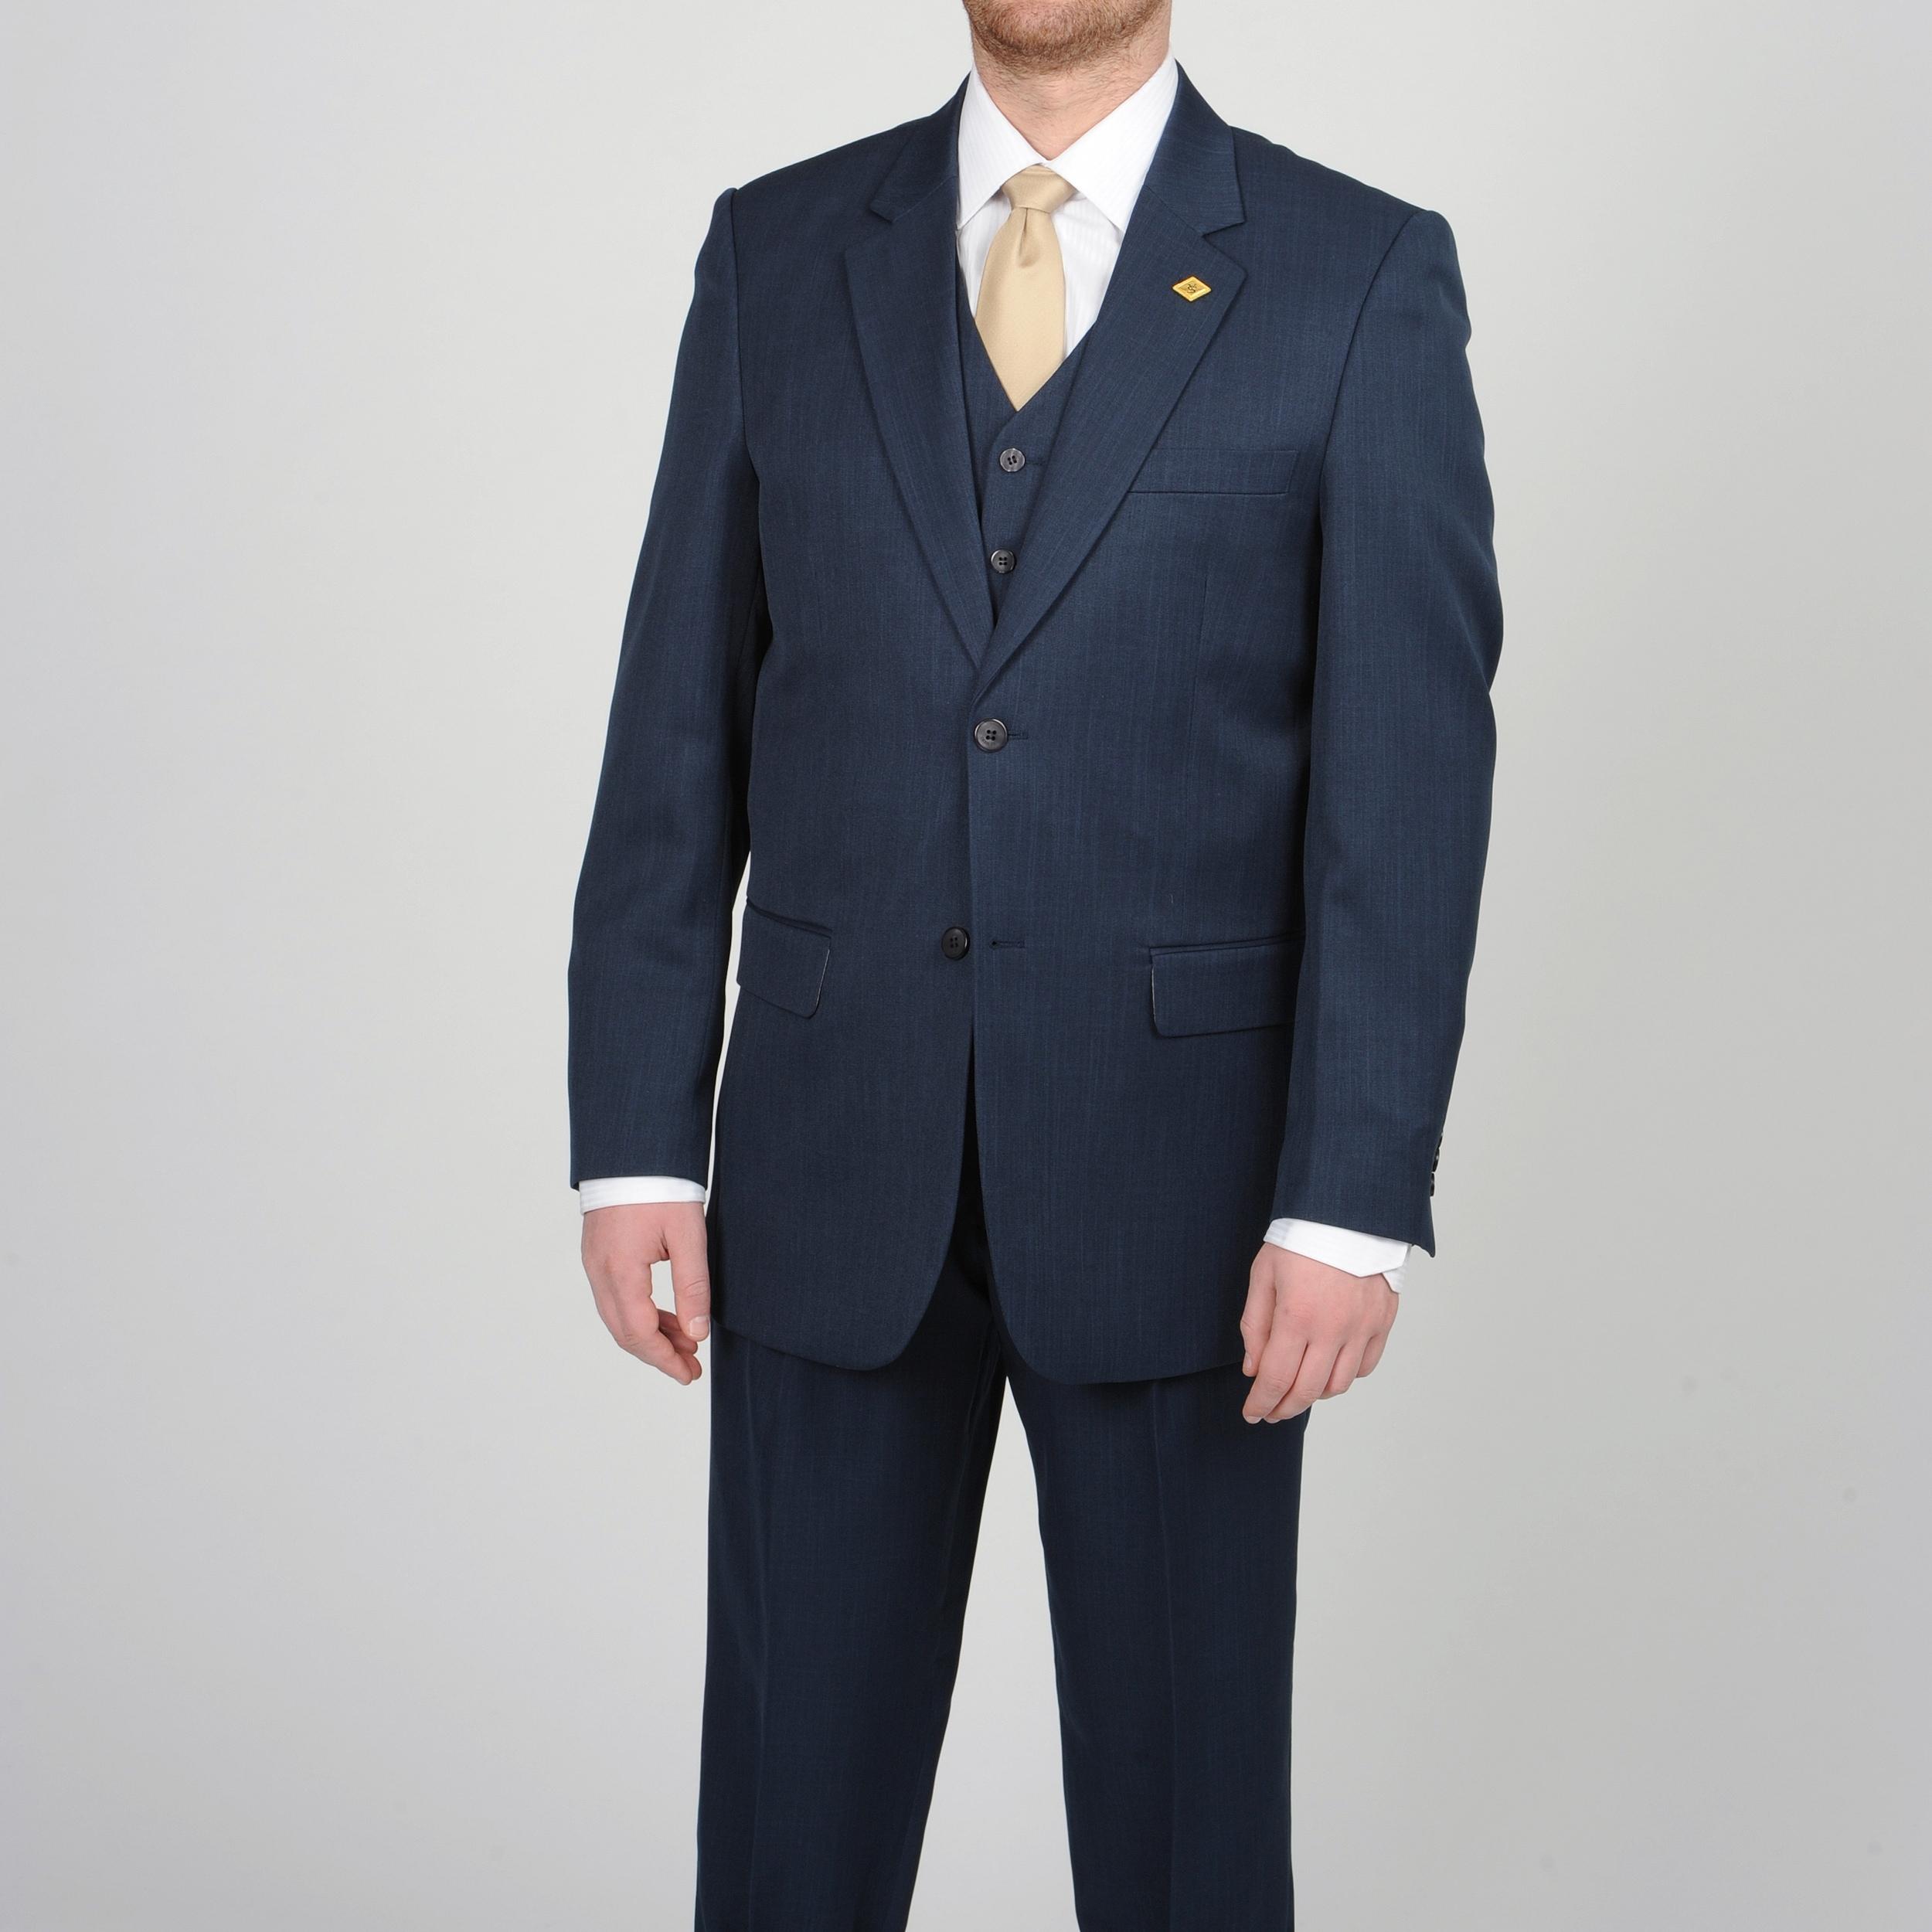 Stacy Adams Men Suits 9